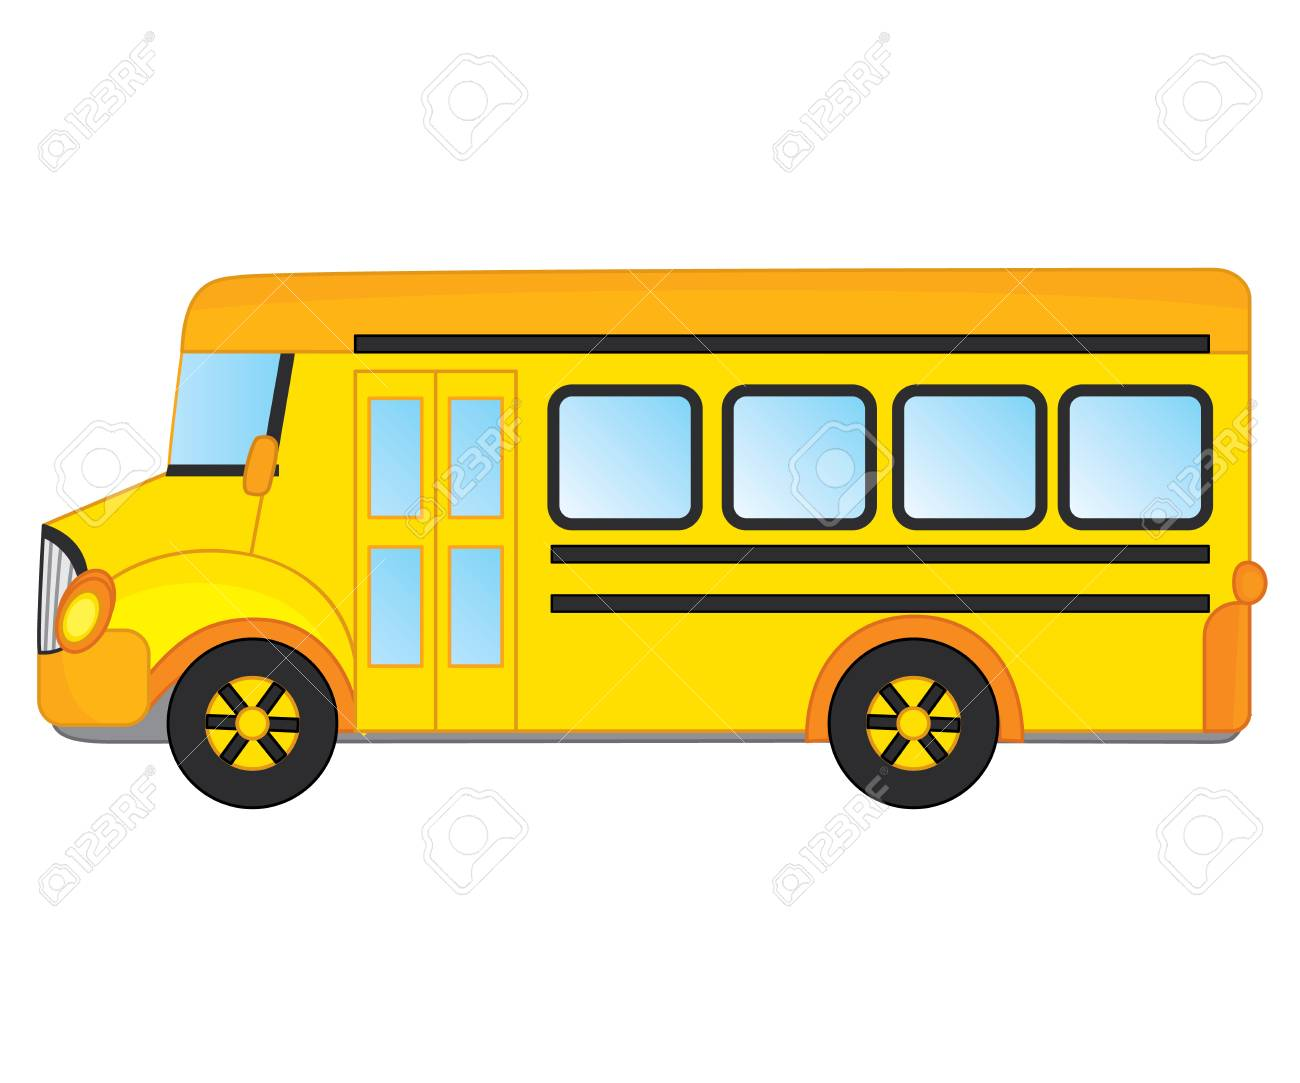 vector school bus in side view school bus vector illustration rh 123rf com school bus vector ai school bus vector illustration